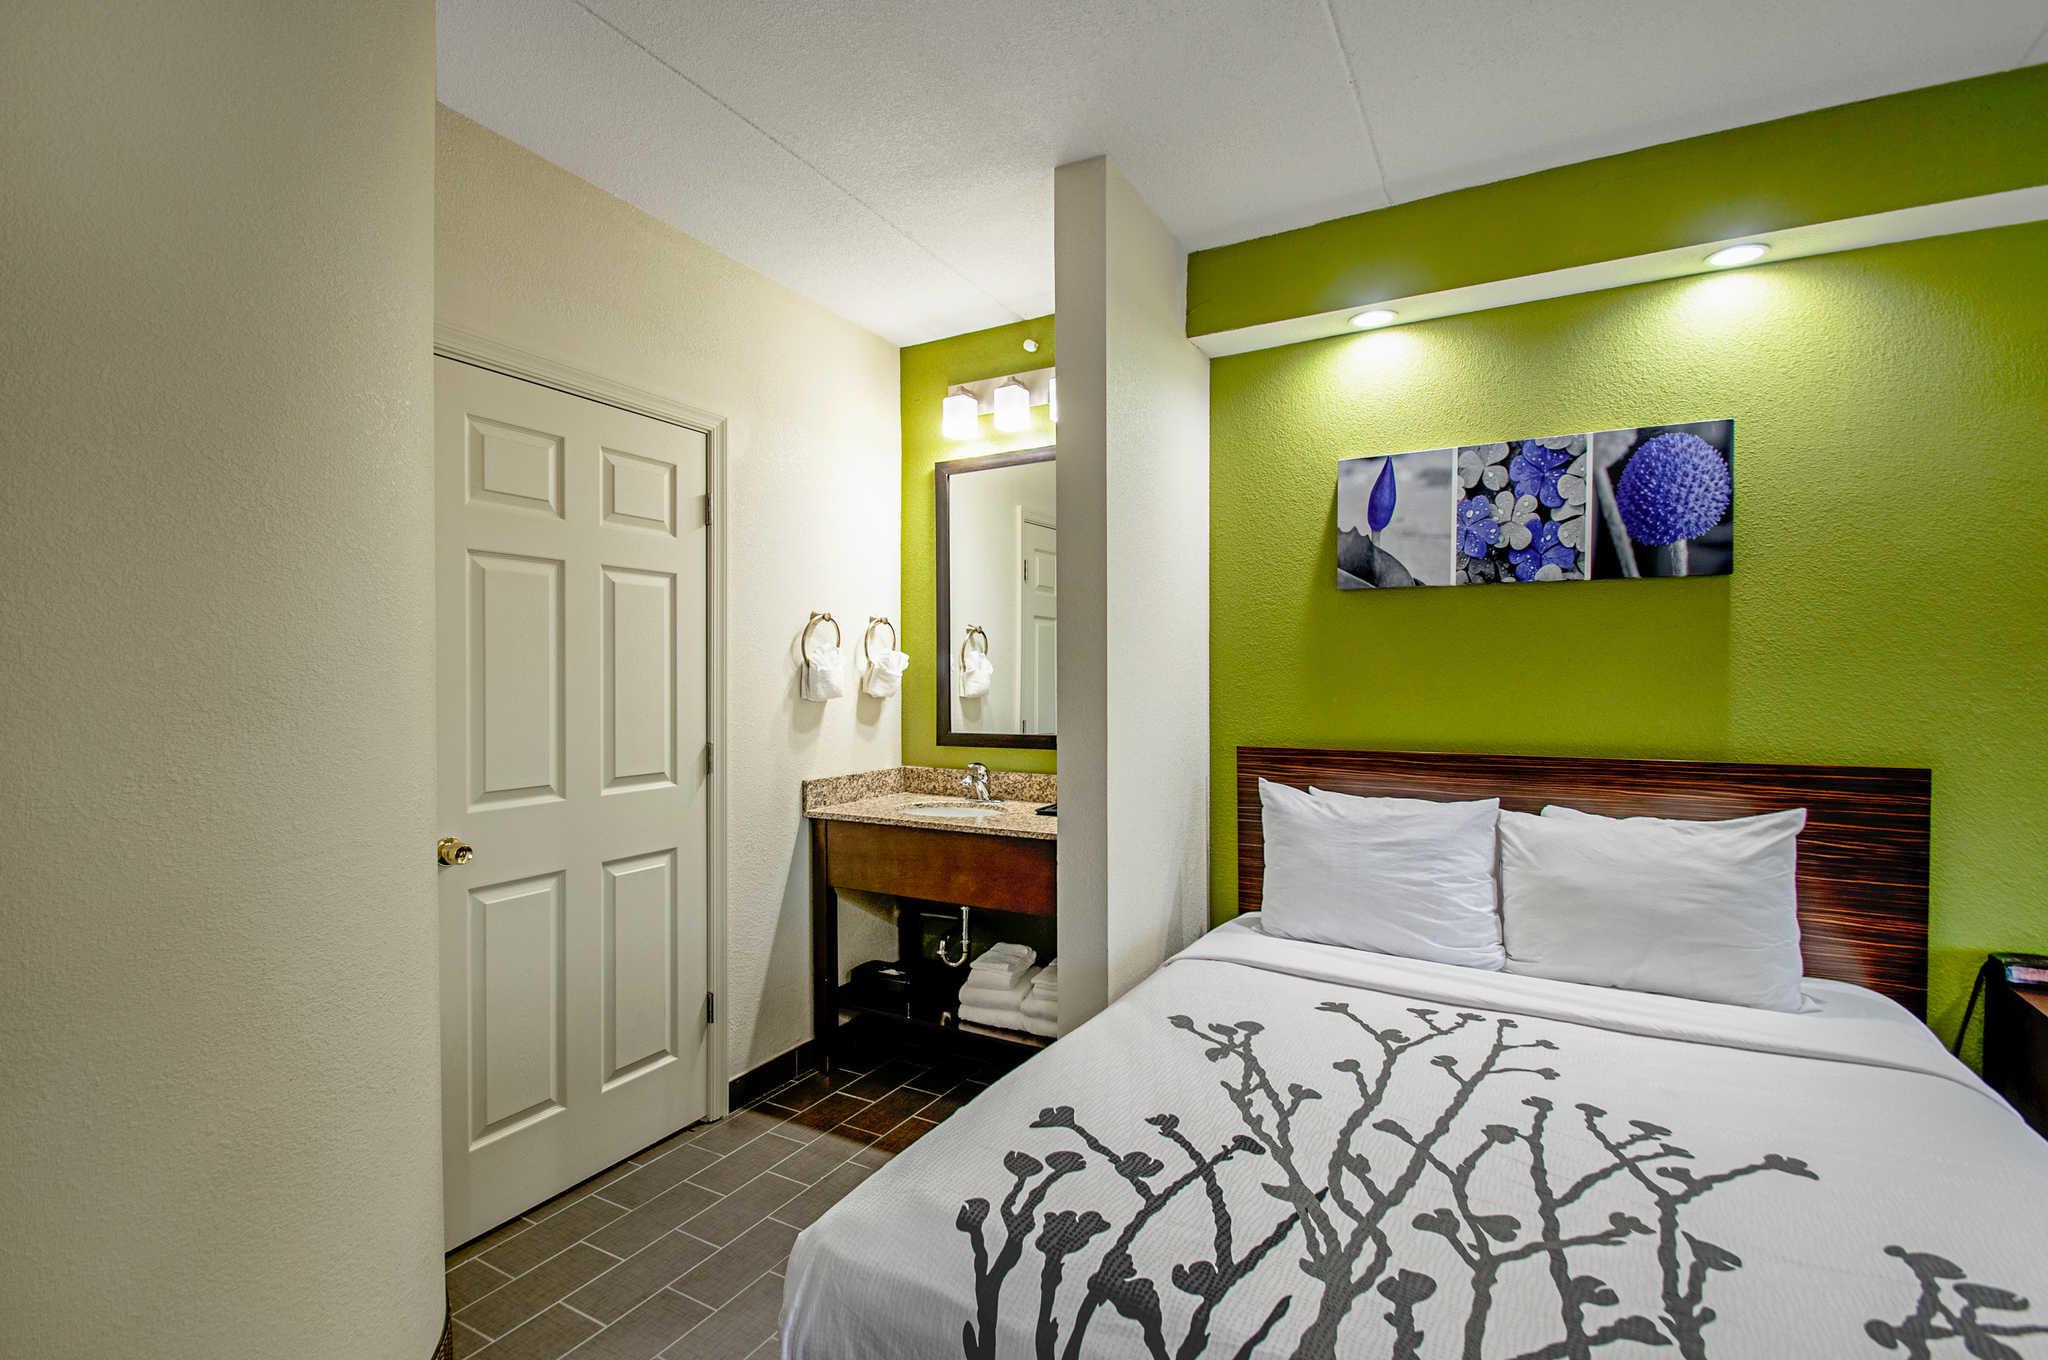 Sleep Inn image 28